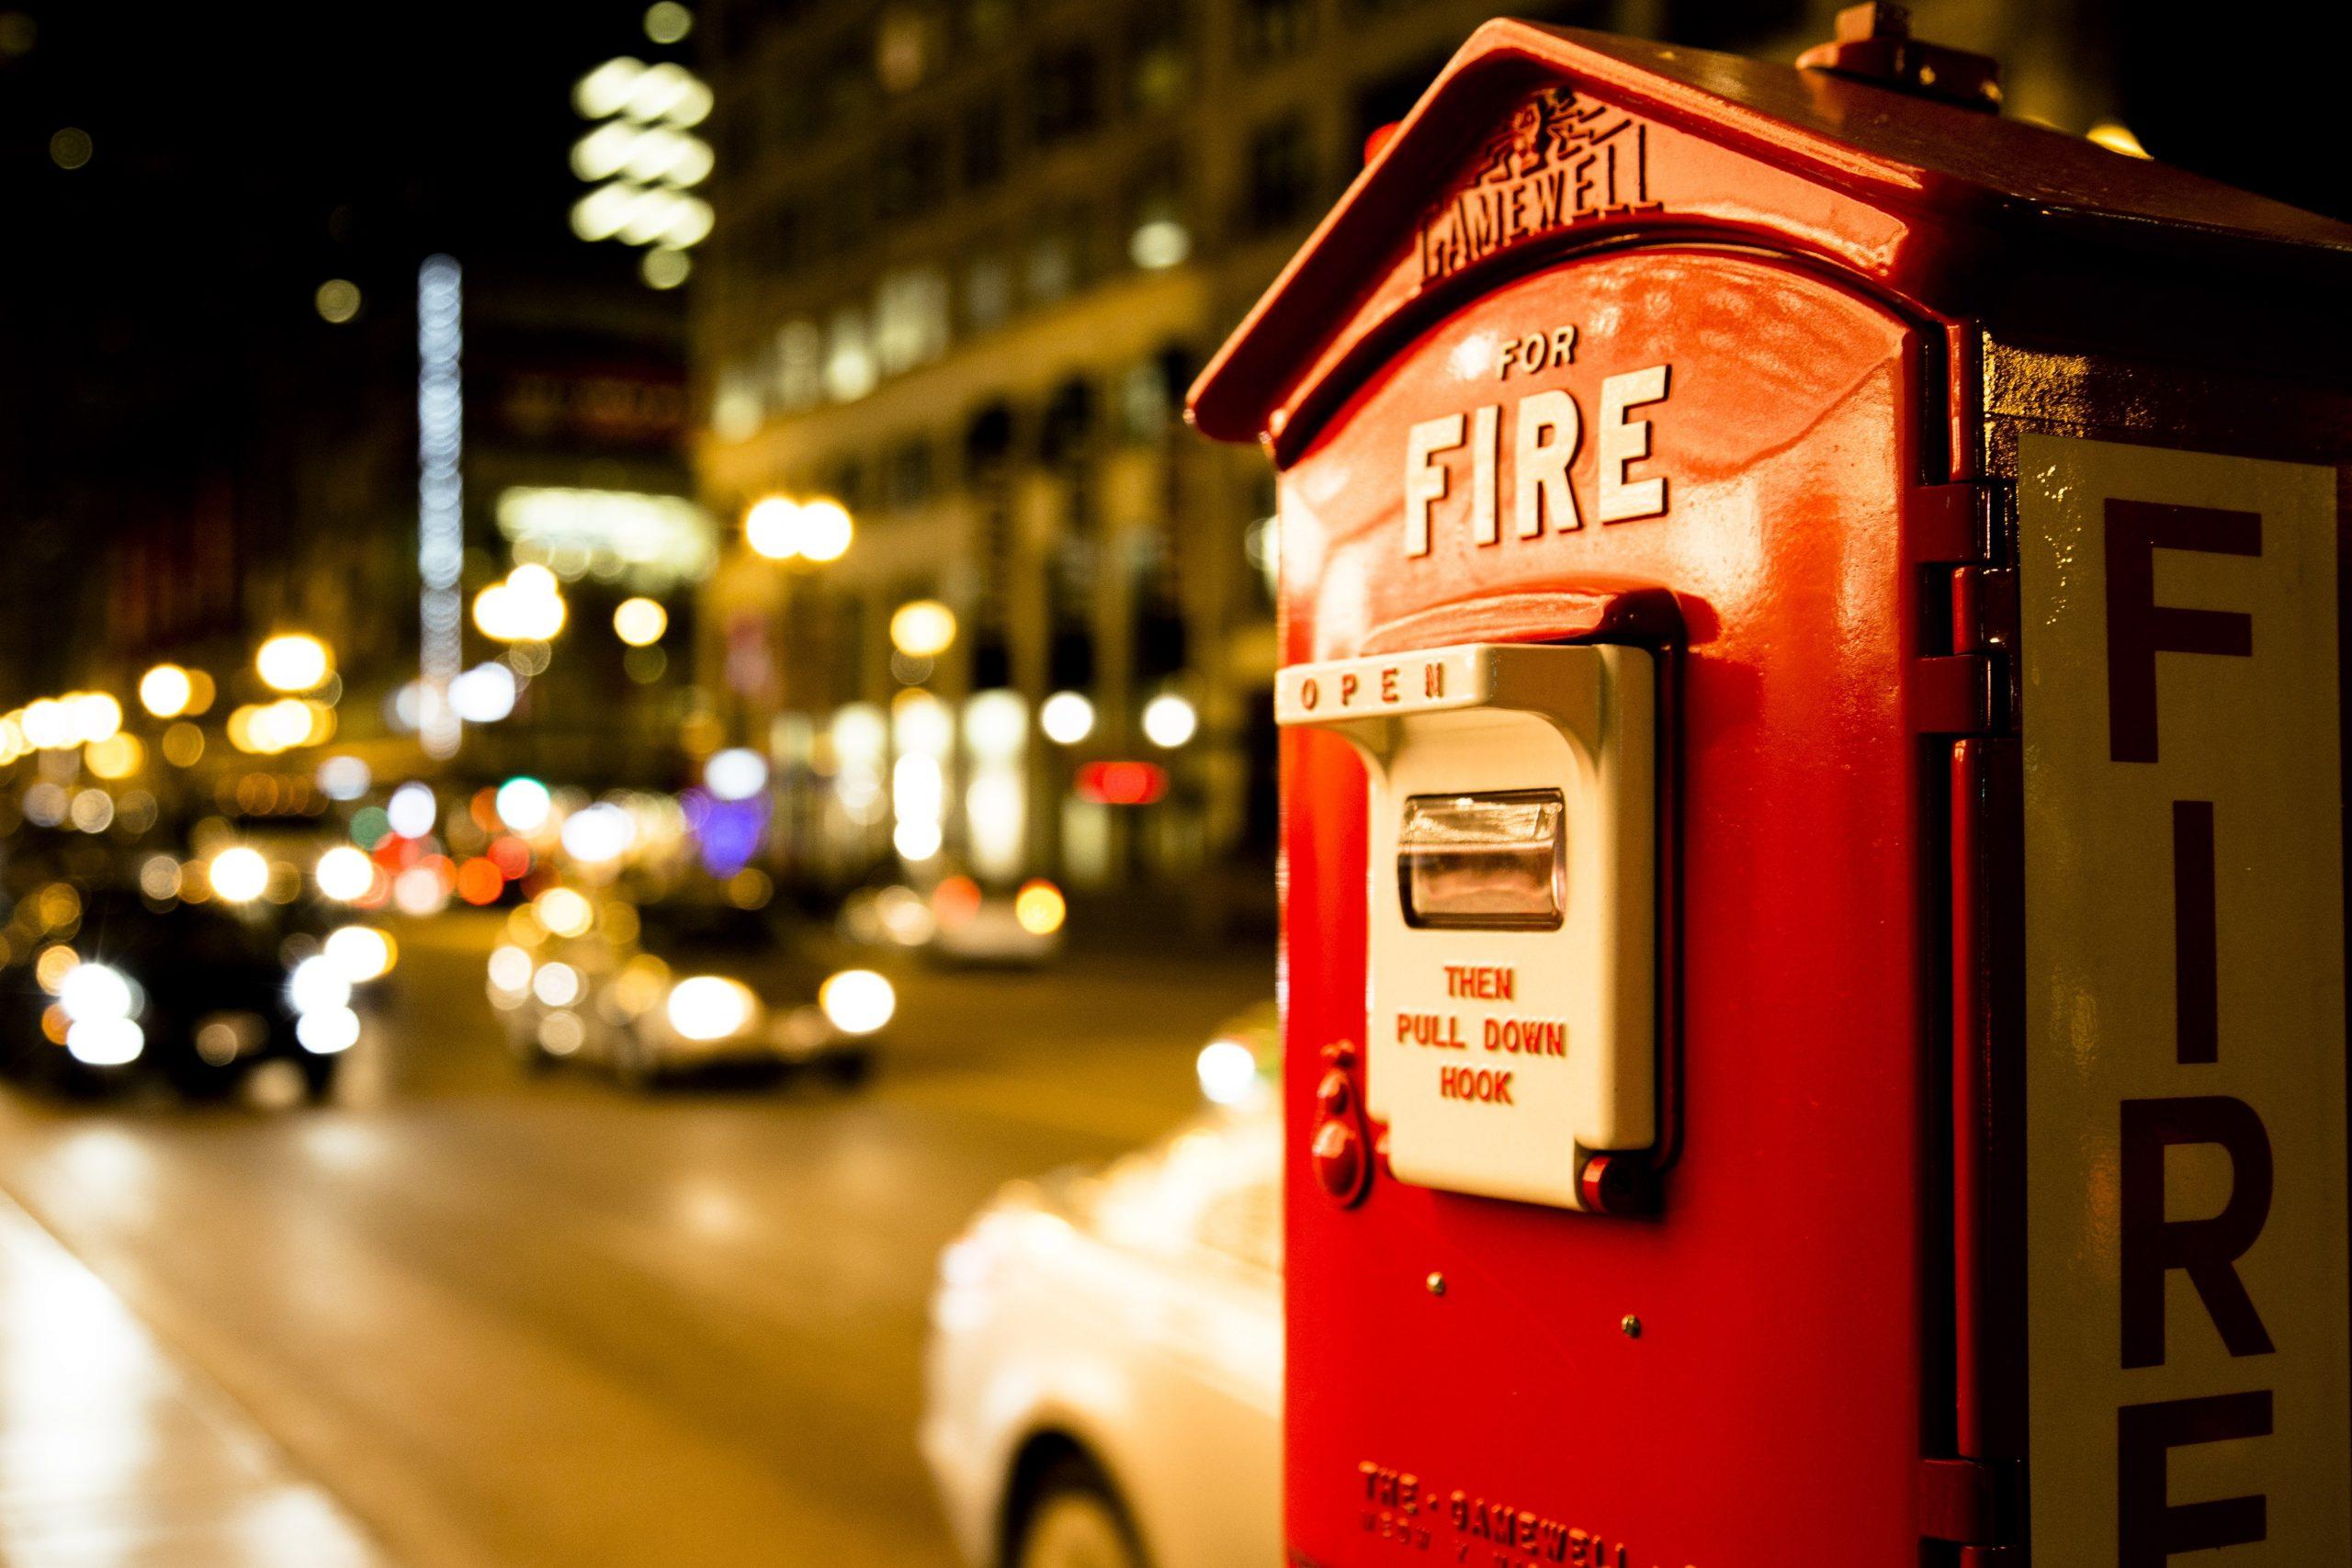 התקנות לגבי ציוד כיבוי וגילוי אש